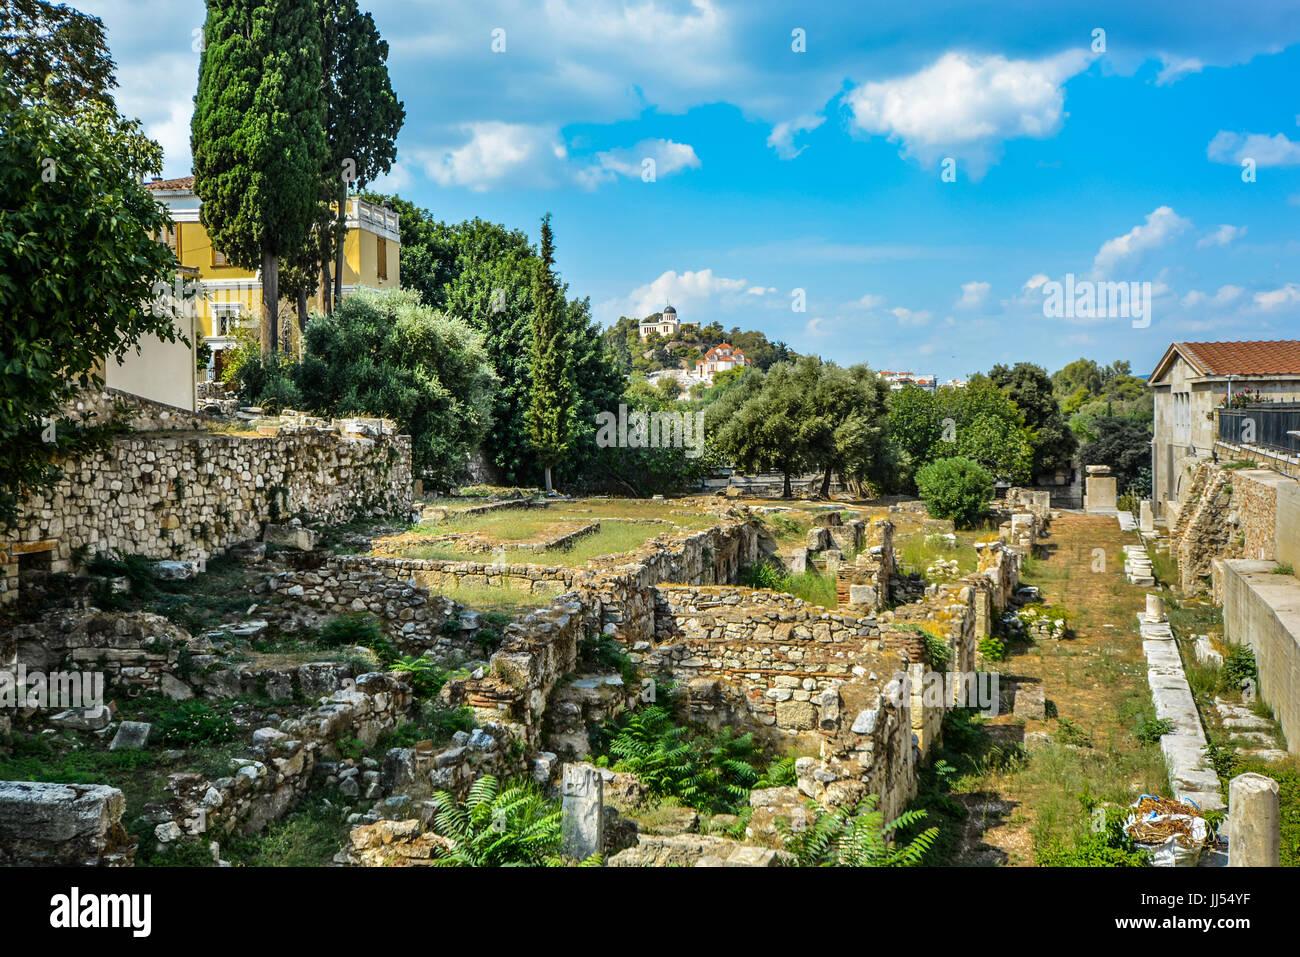 Antiche rovine greche di Atene con una chiesa e tempio sulla cima di una collina nella distanza in una calda giornata Immagini Stock